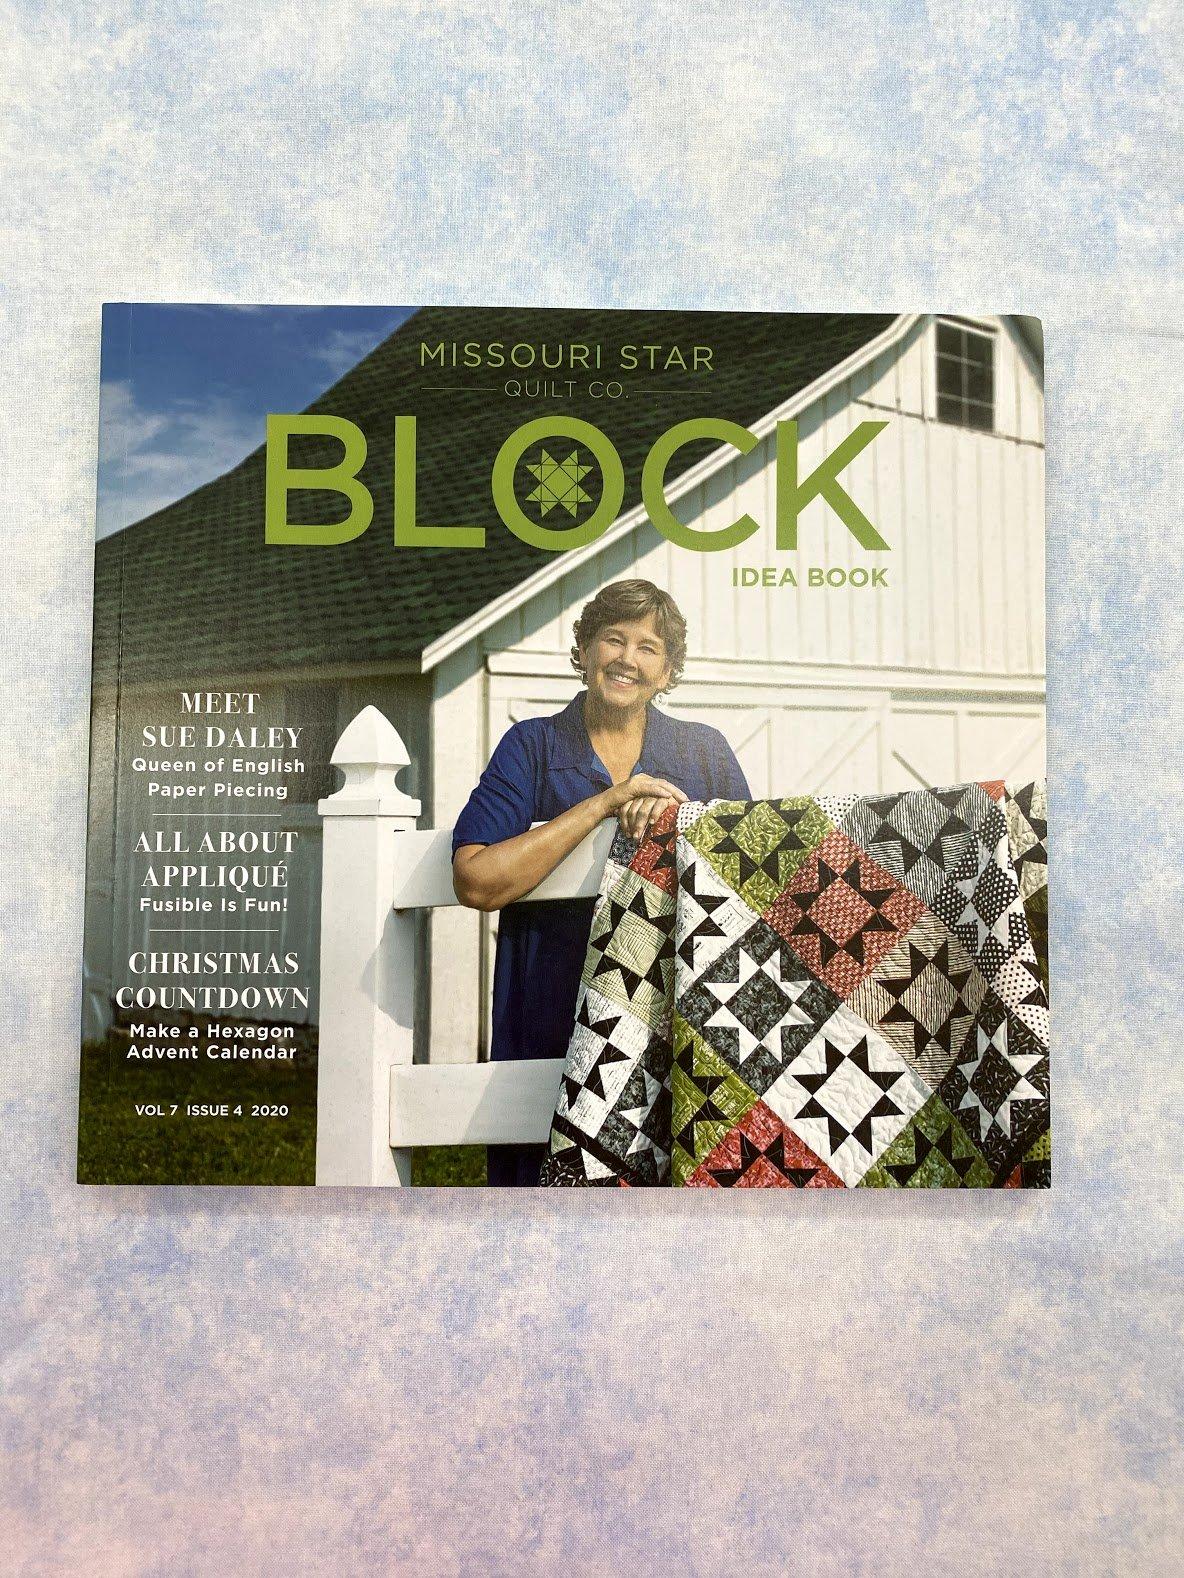 Missouri Star Block 2020 Vol 7 issue 4